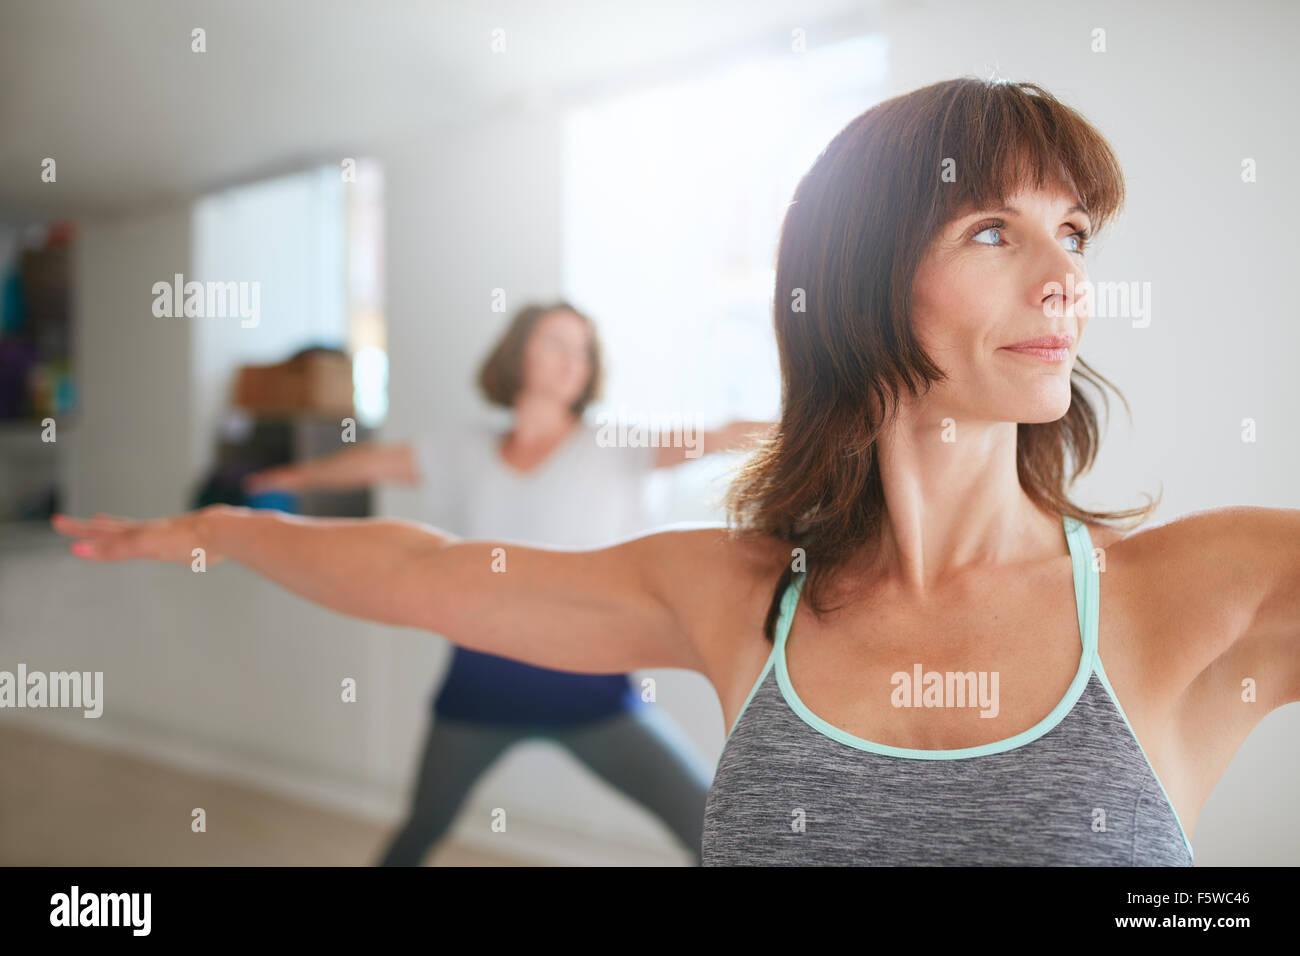 Retrato de joven bella haciendo el guerrero plantean durante la clase de yoga. Instructor de Yoga realizar Virabhadrasana Foto de stock